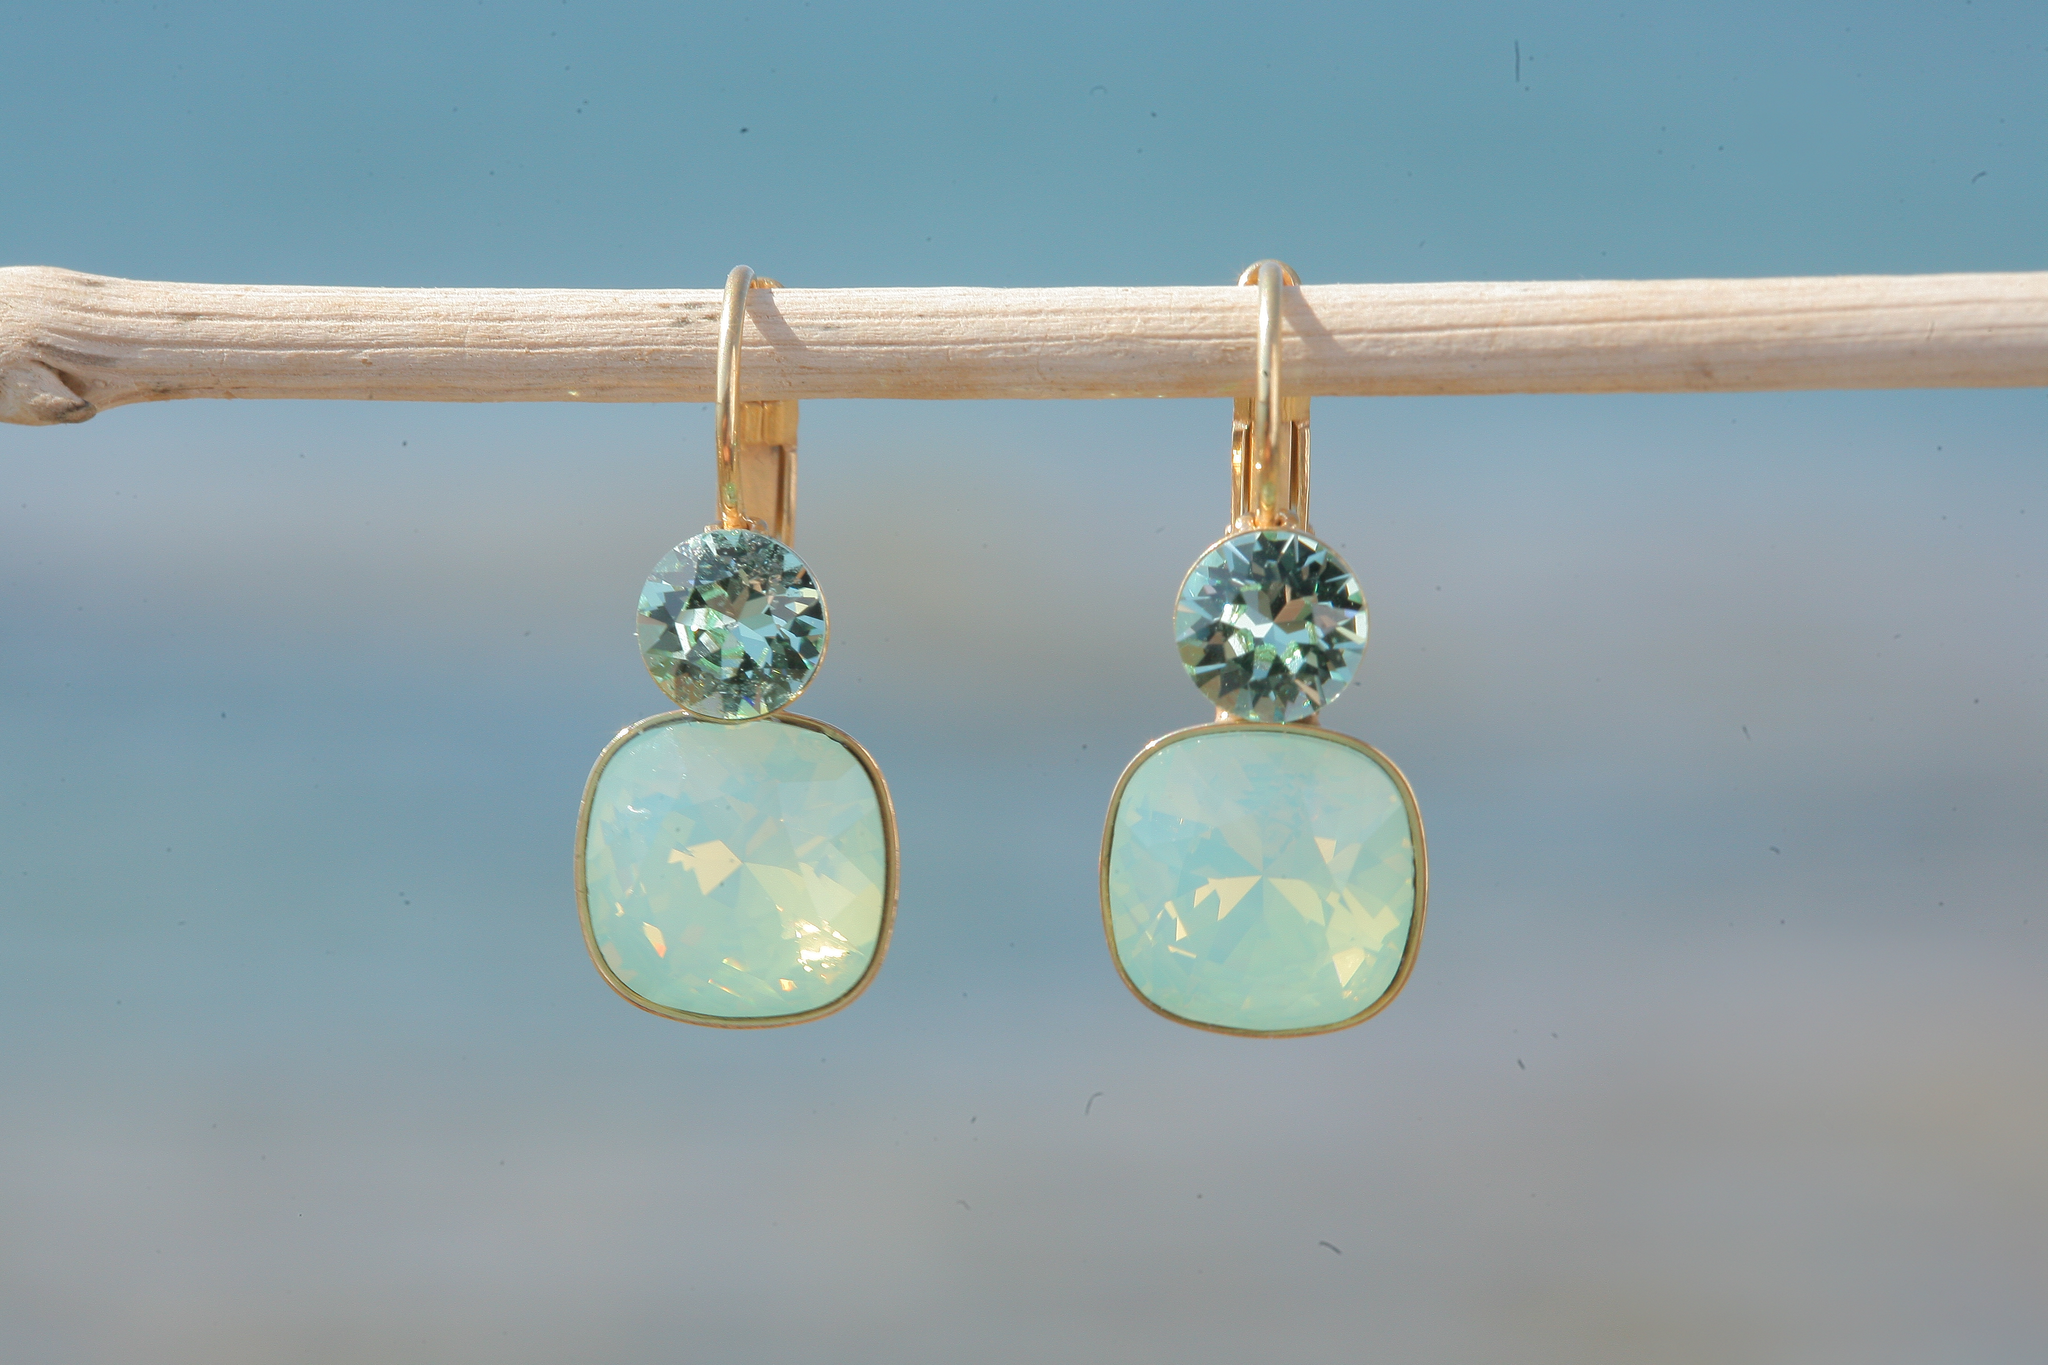 artjany Ohrhänger mit Kristallen in einem crysolite opal mix